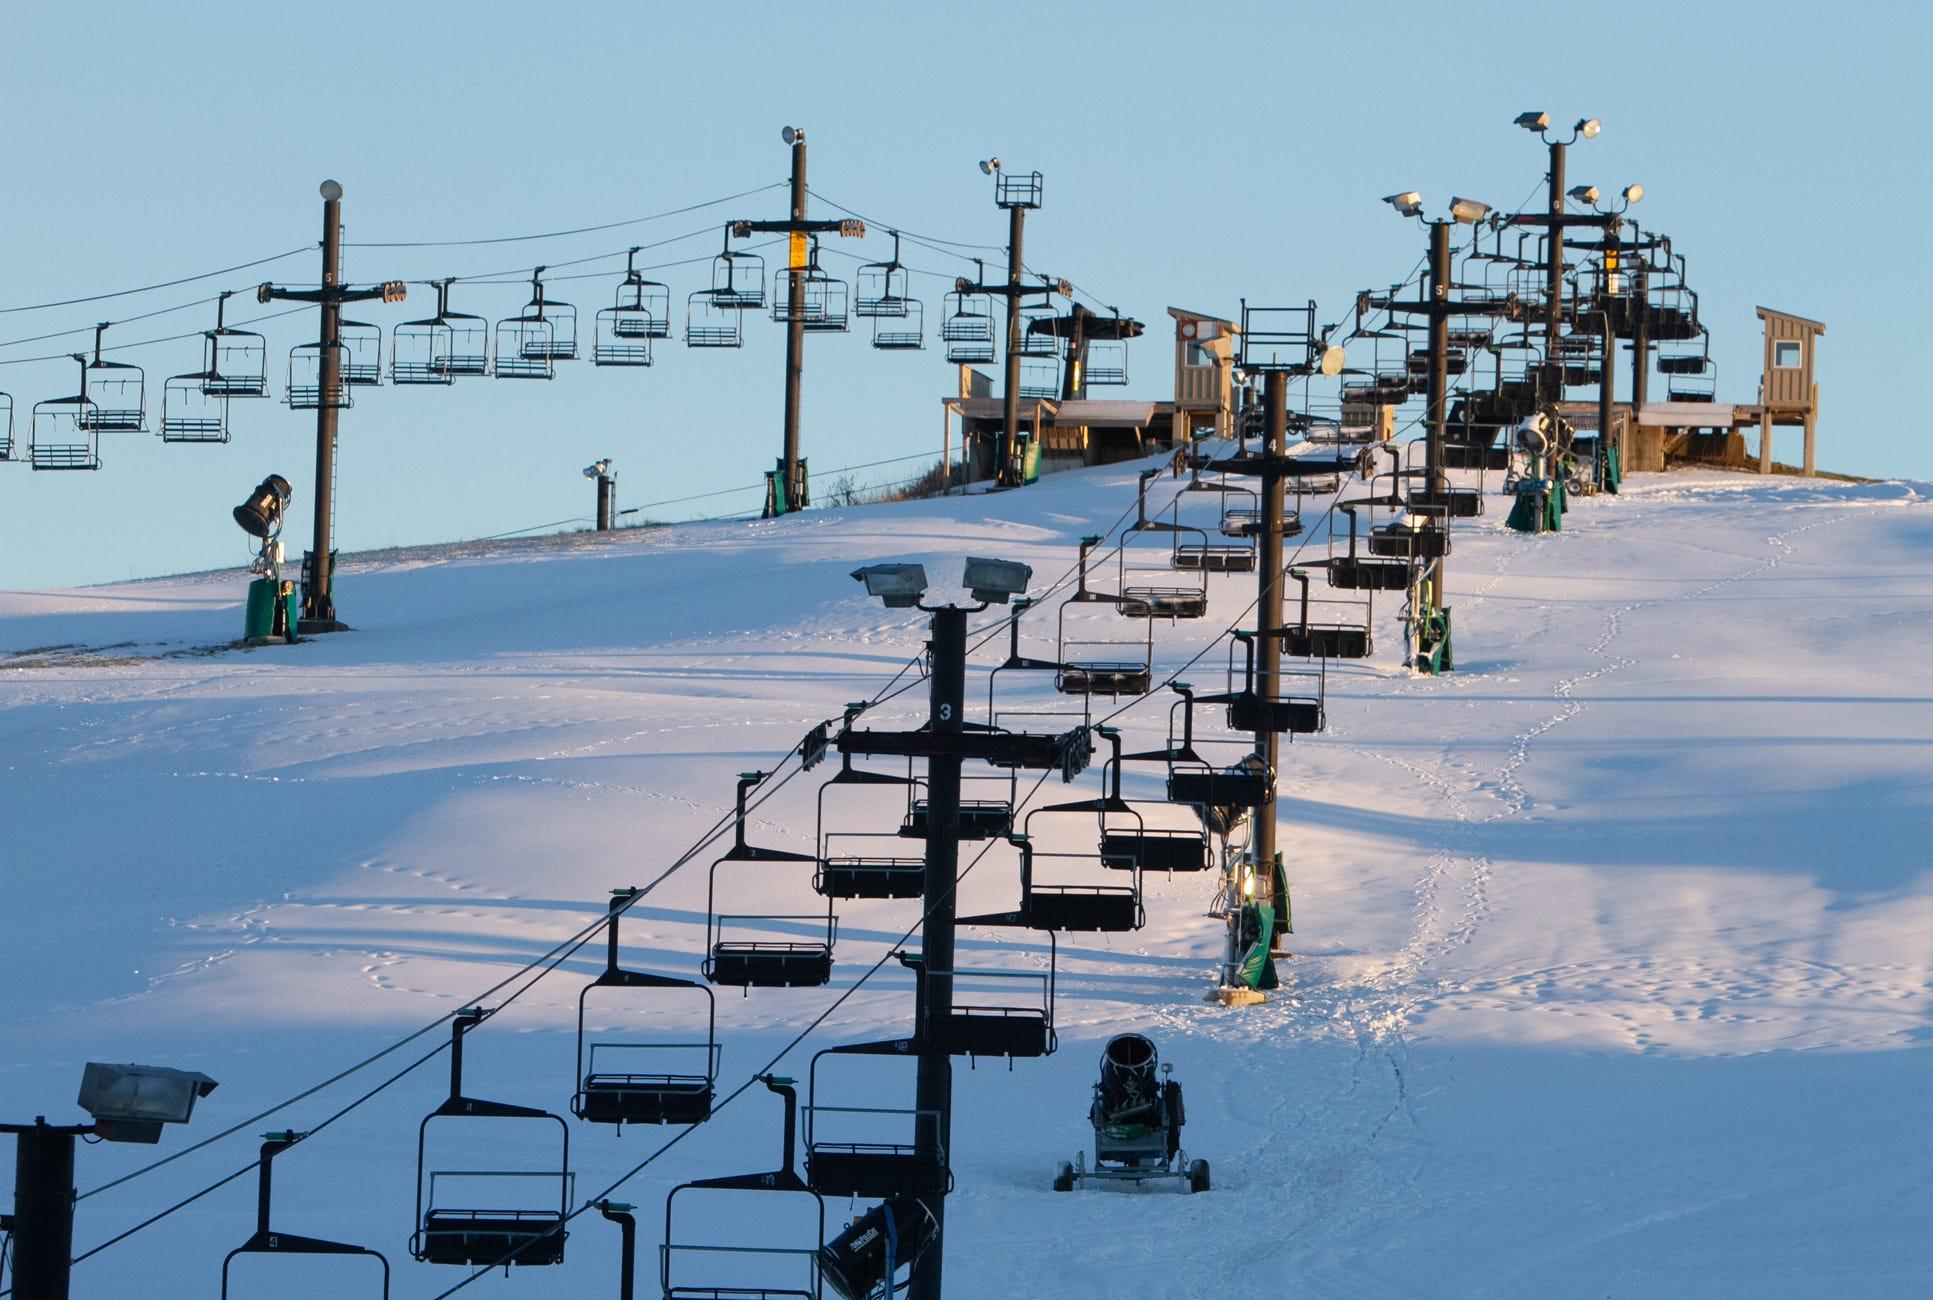 mt. brighton ski and snowboard area opens saturday